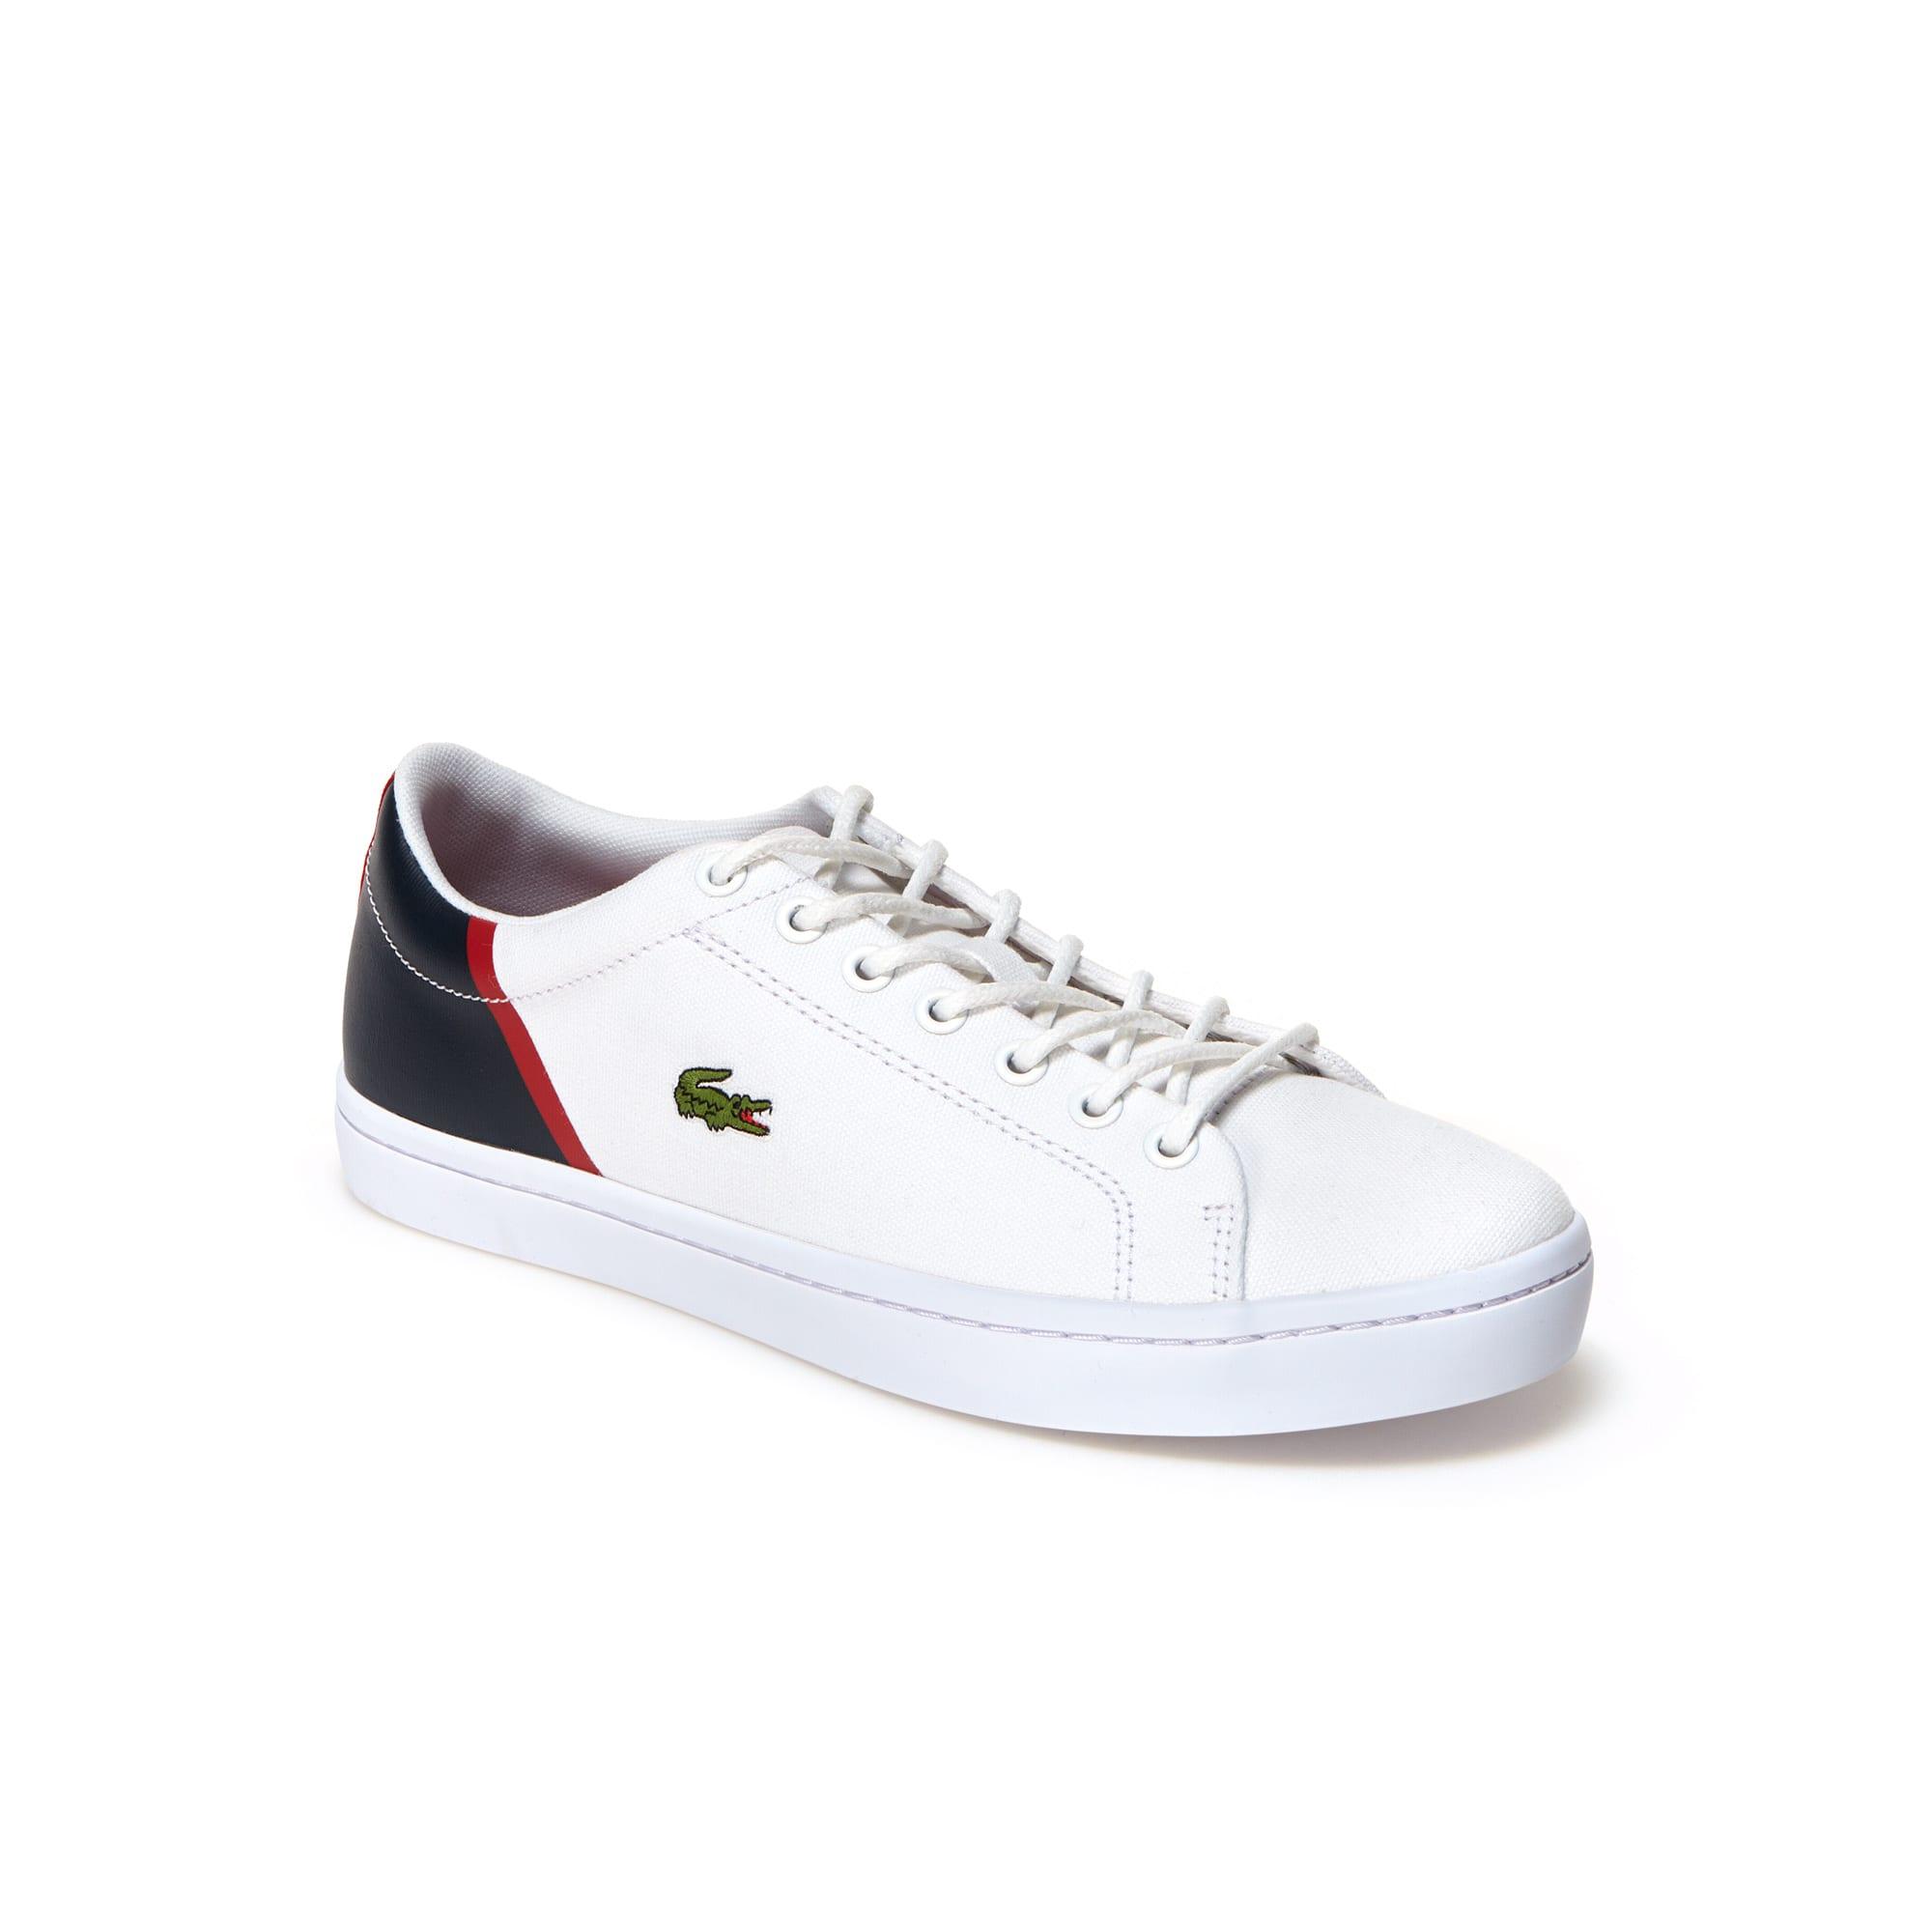 Lcr 3 731spm0096 Lacoste Sport De Chaussures Hommes hxQCdrts